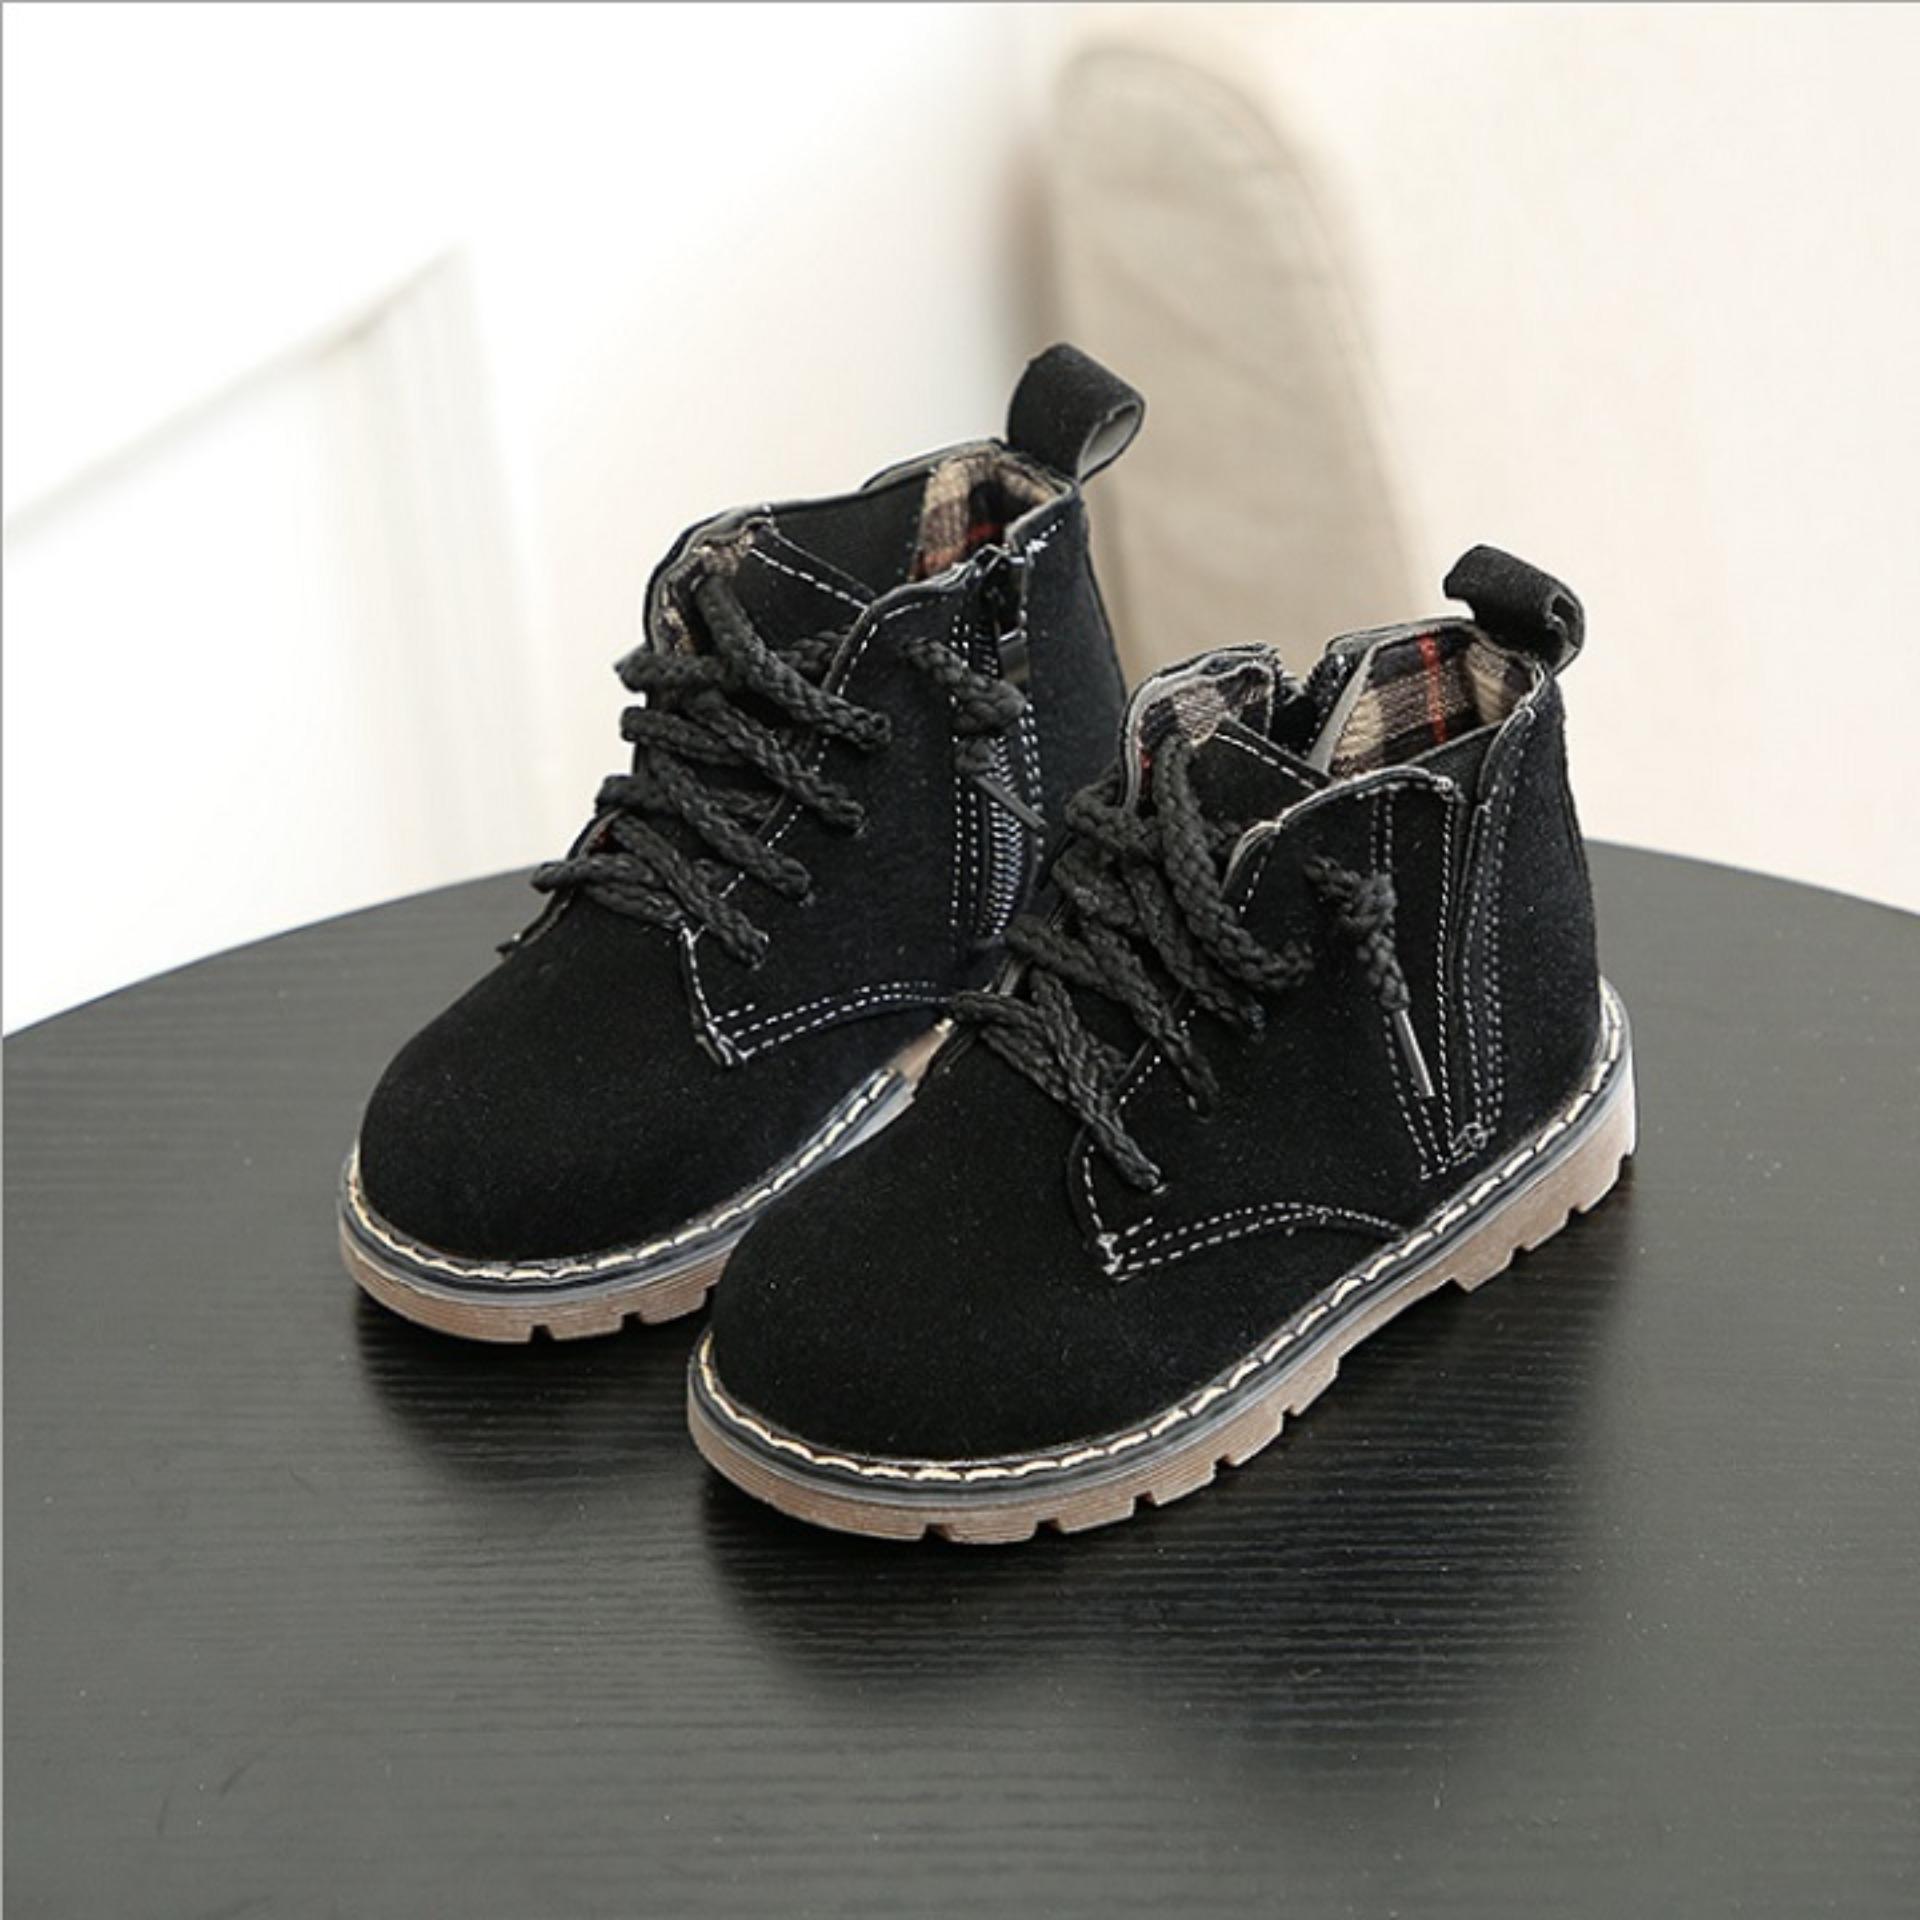 giày bốt buộc dây da lộn cho bé